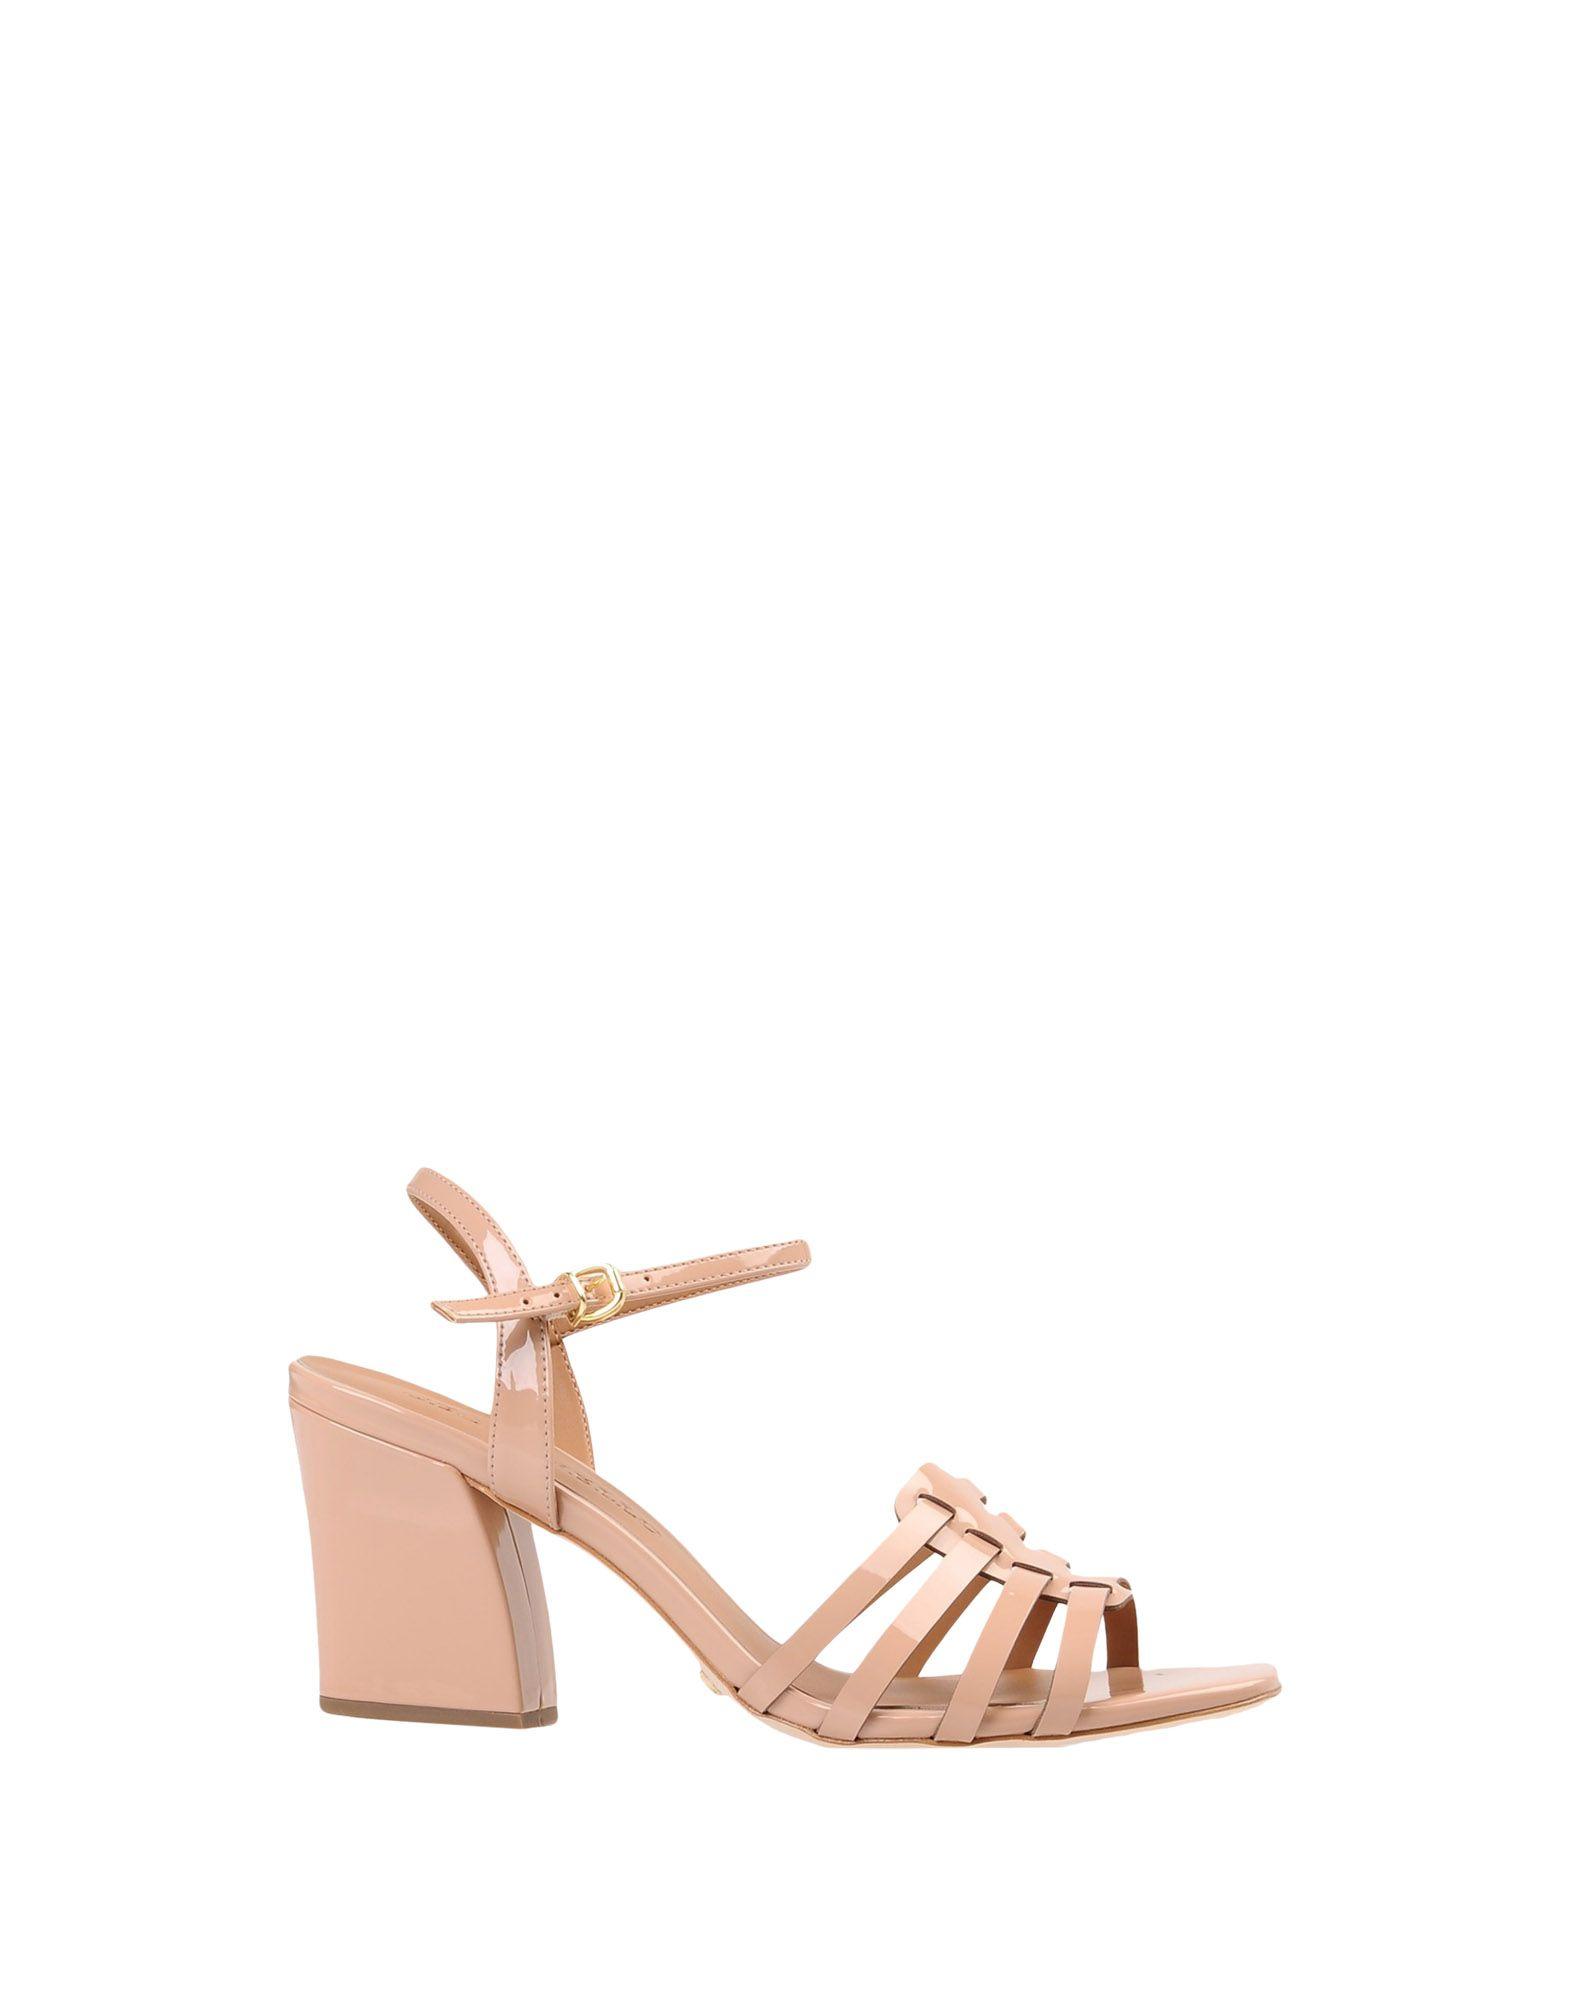 Damen Cecconello Sandalen Damen   11466423SM Heiße Schuhe 696445